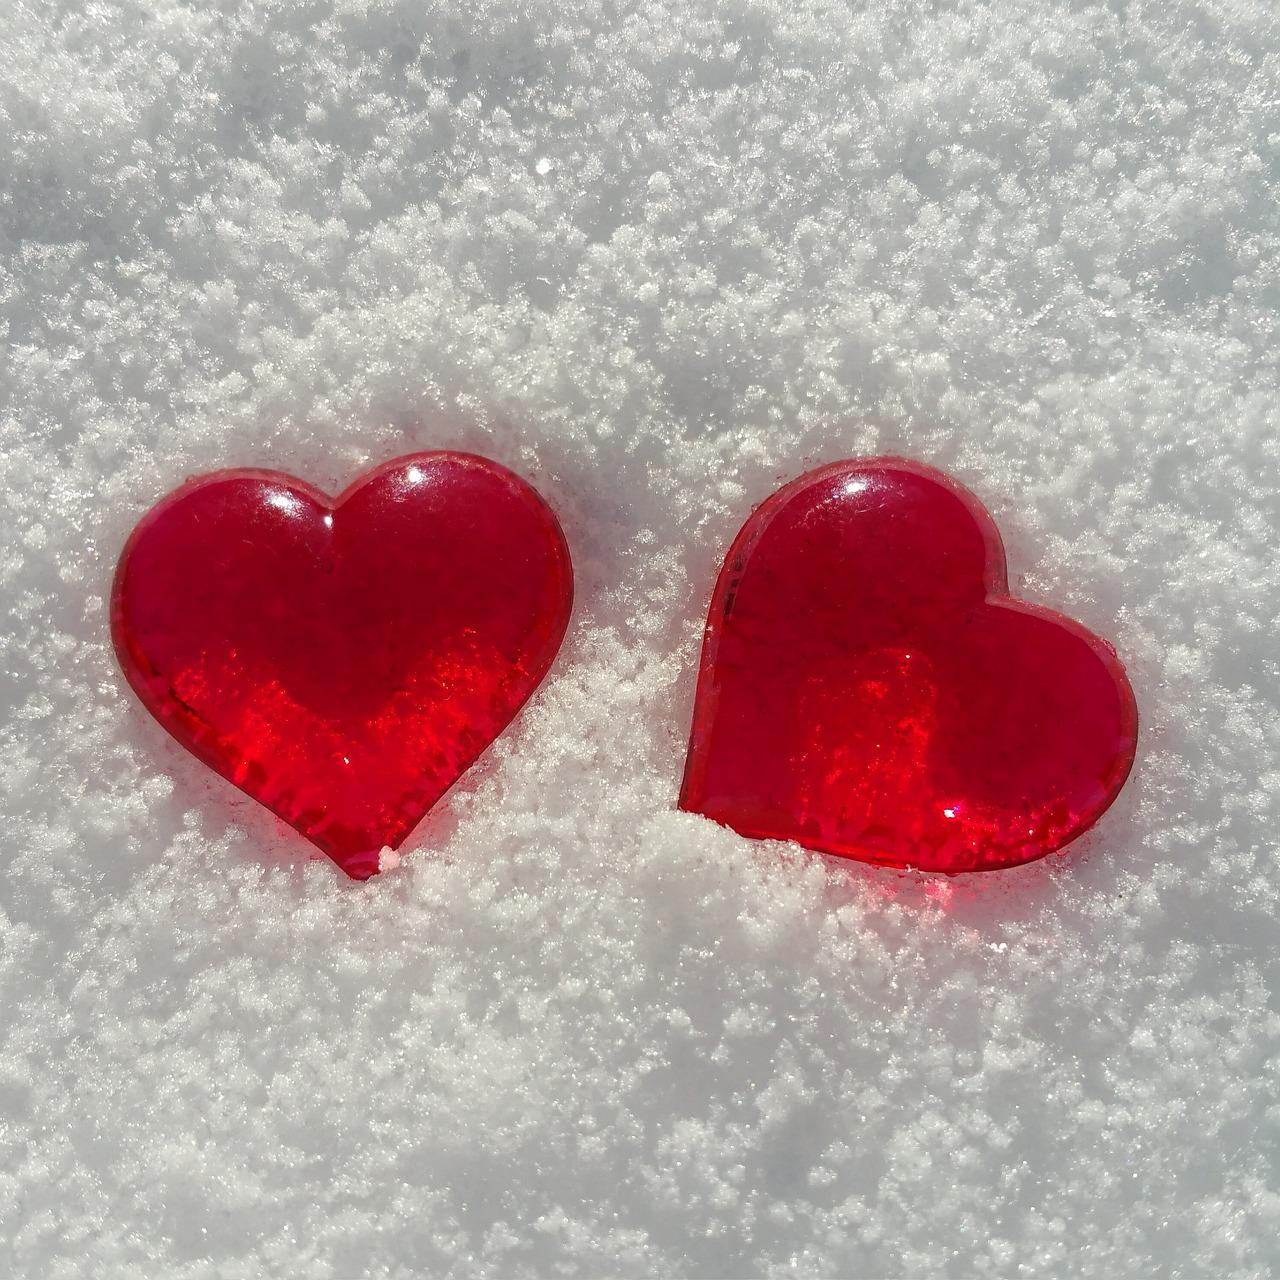 картинки сердце на снегу видом